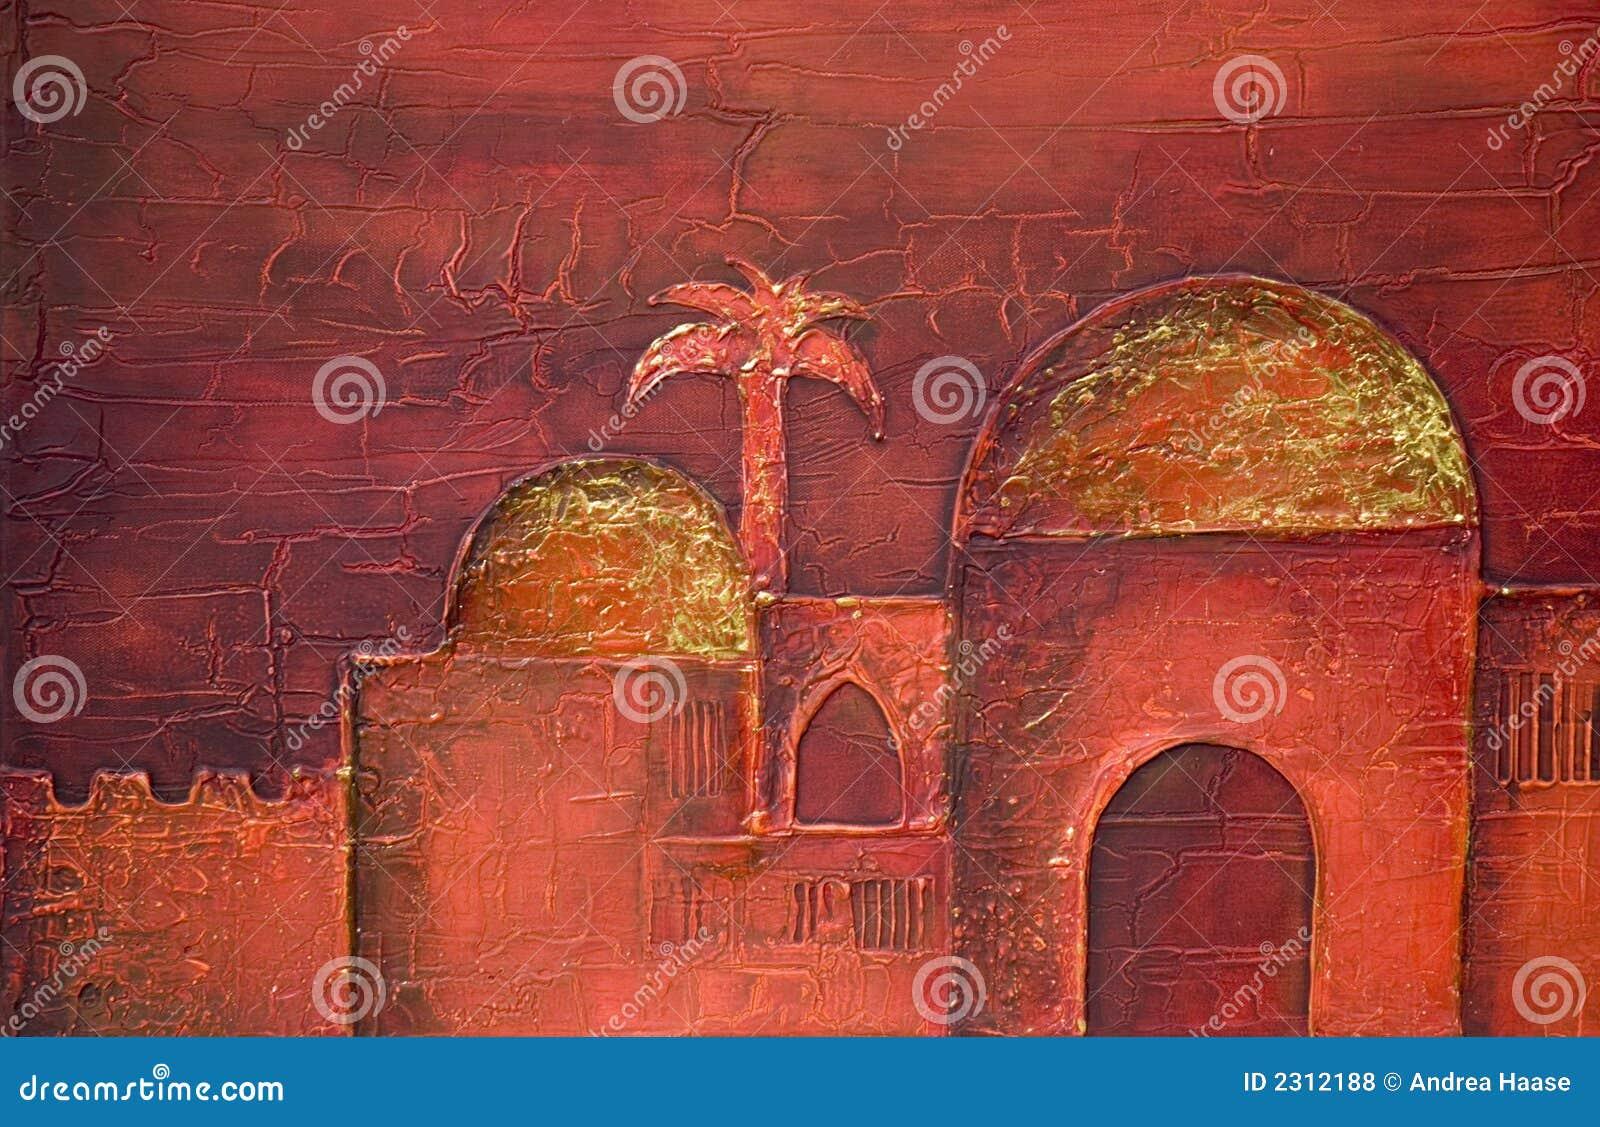 Peinture de ville orientale photos libres de droits image 2312188 for Dessin ville orientale